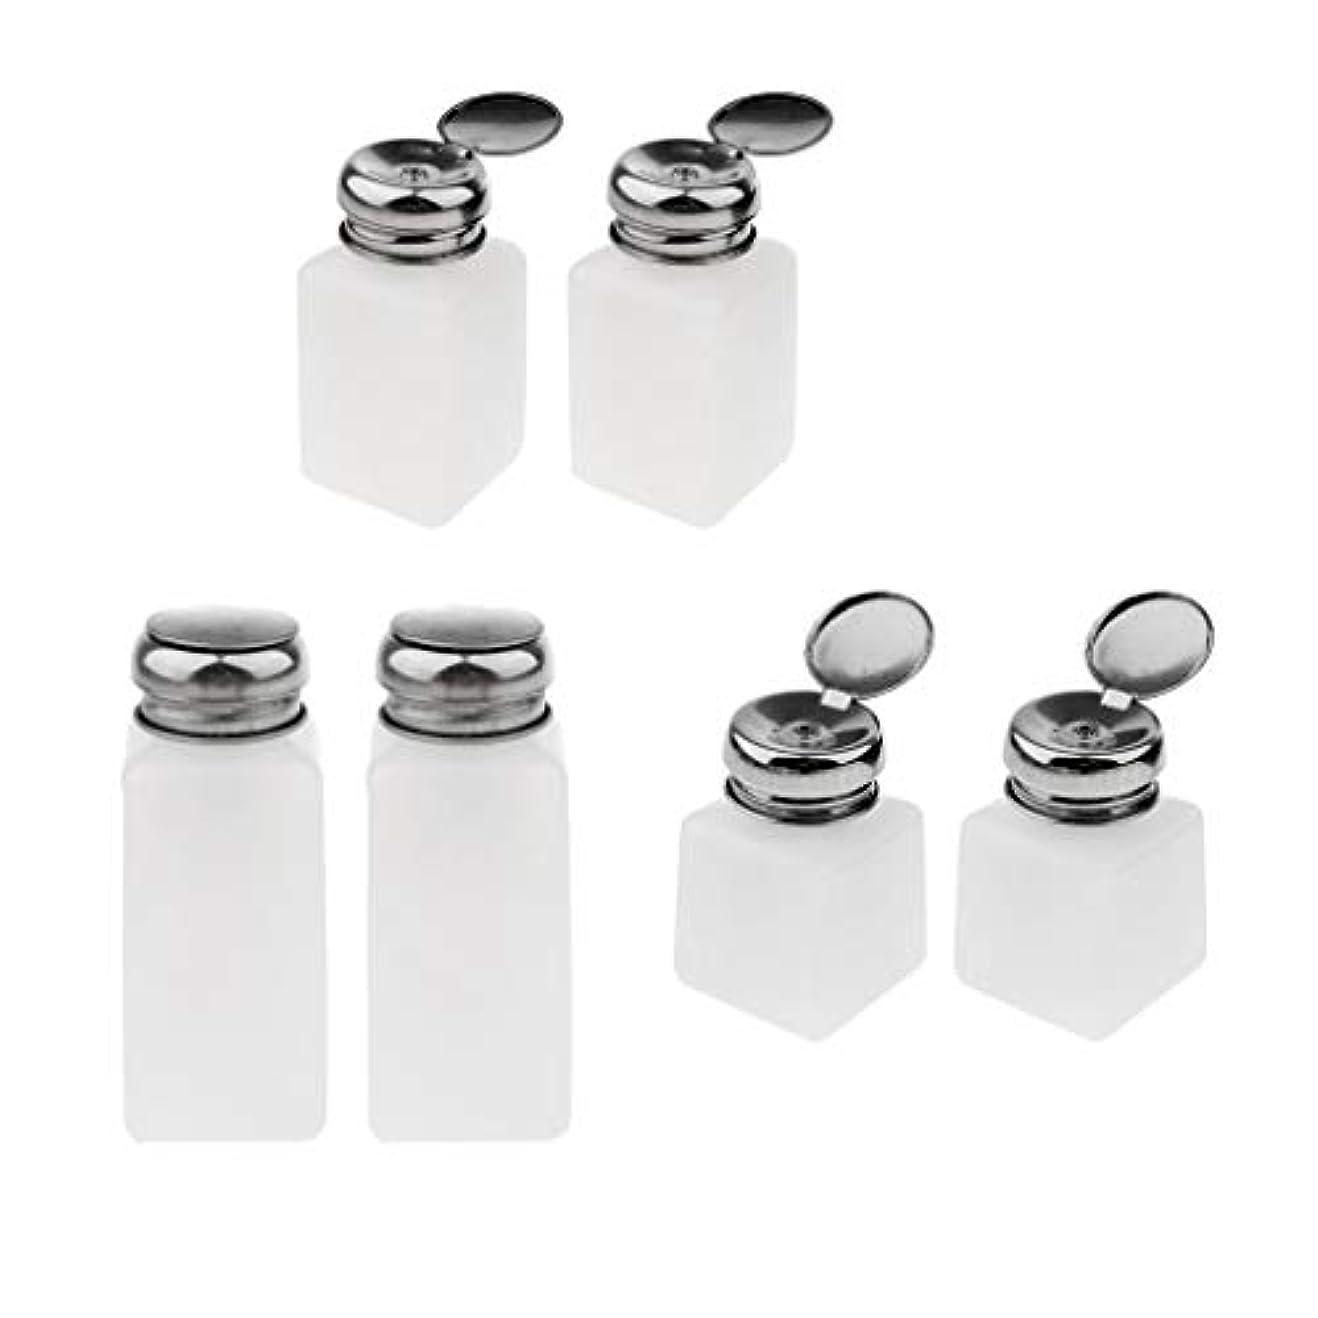 ディスクゴム入射6個 ネイルポリッシュリムーバー ポンプディスペンサー プレスボトル 空容器